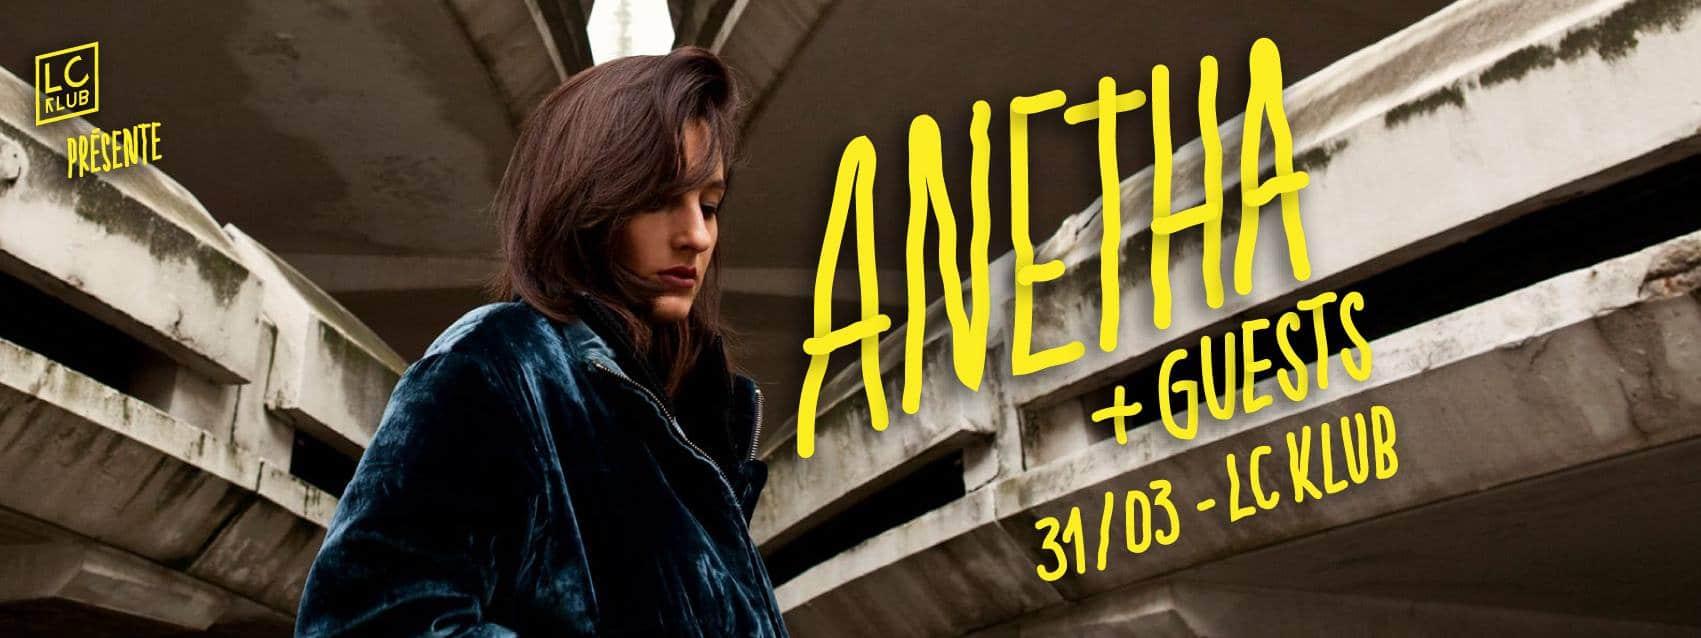 Anetha